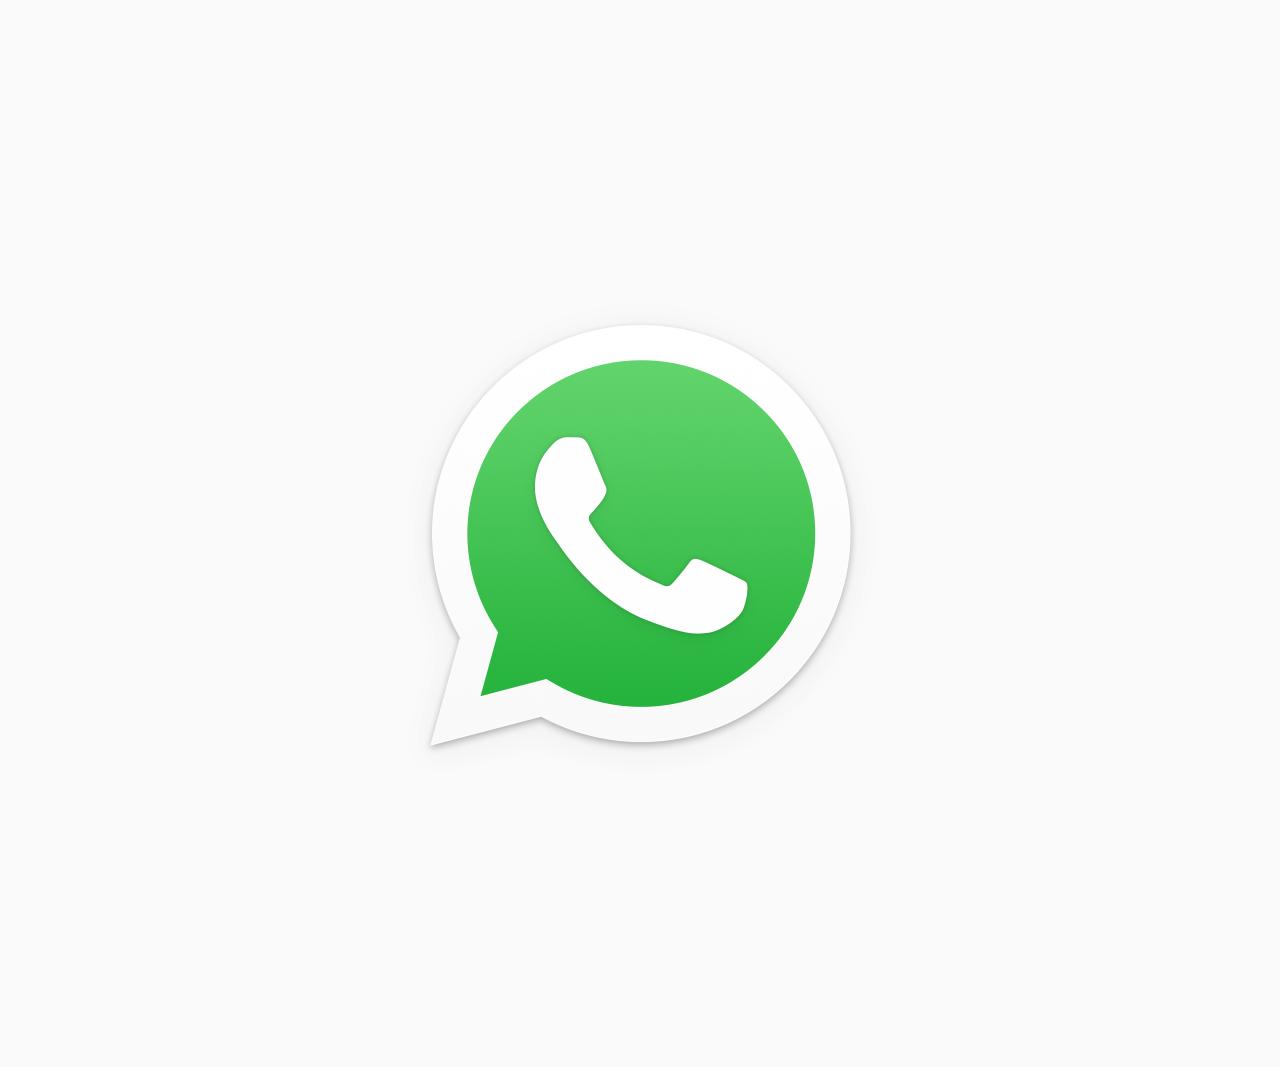 Newsletter-Versand über WhatsApp: Zulässigkeitsvoraussetzungen und ihre Umsetzung nach der DSGVO